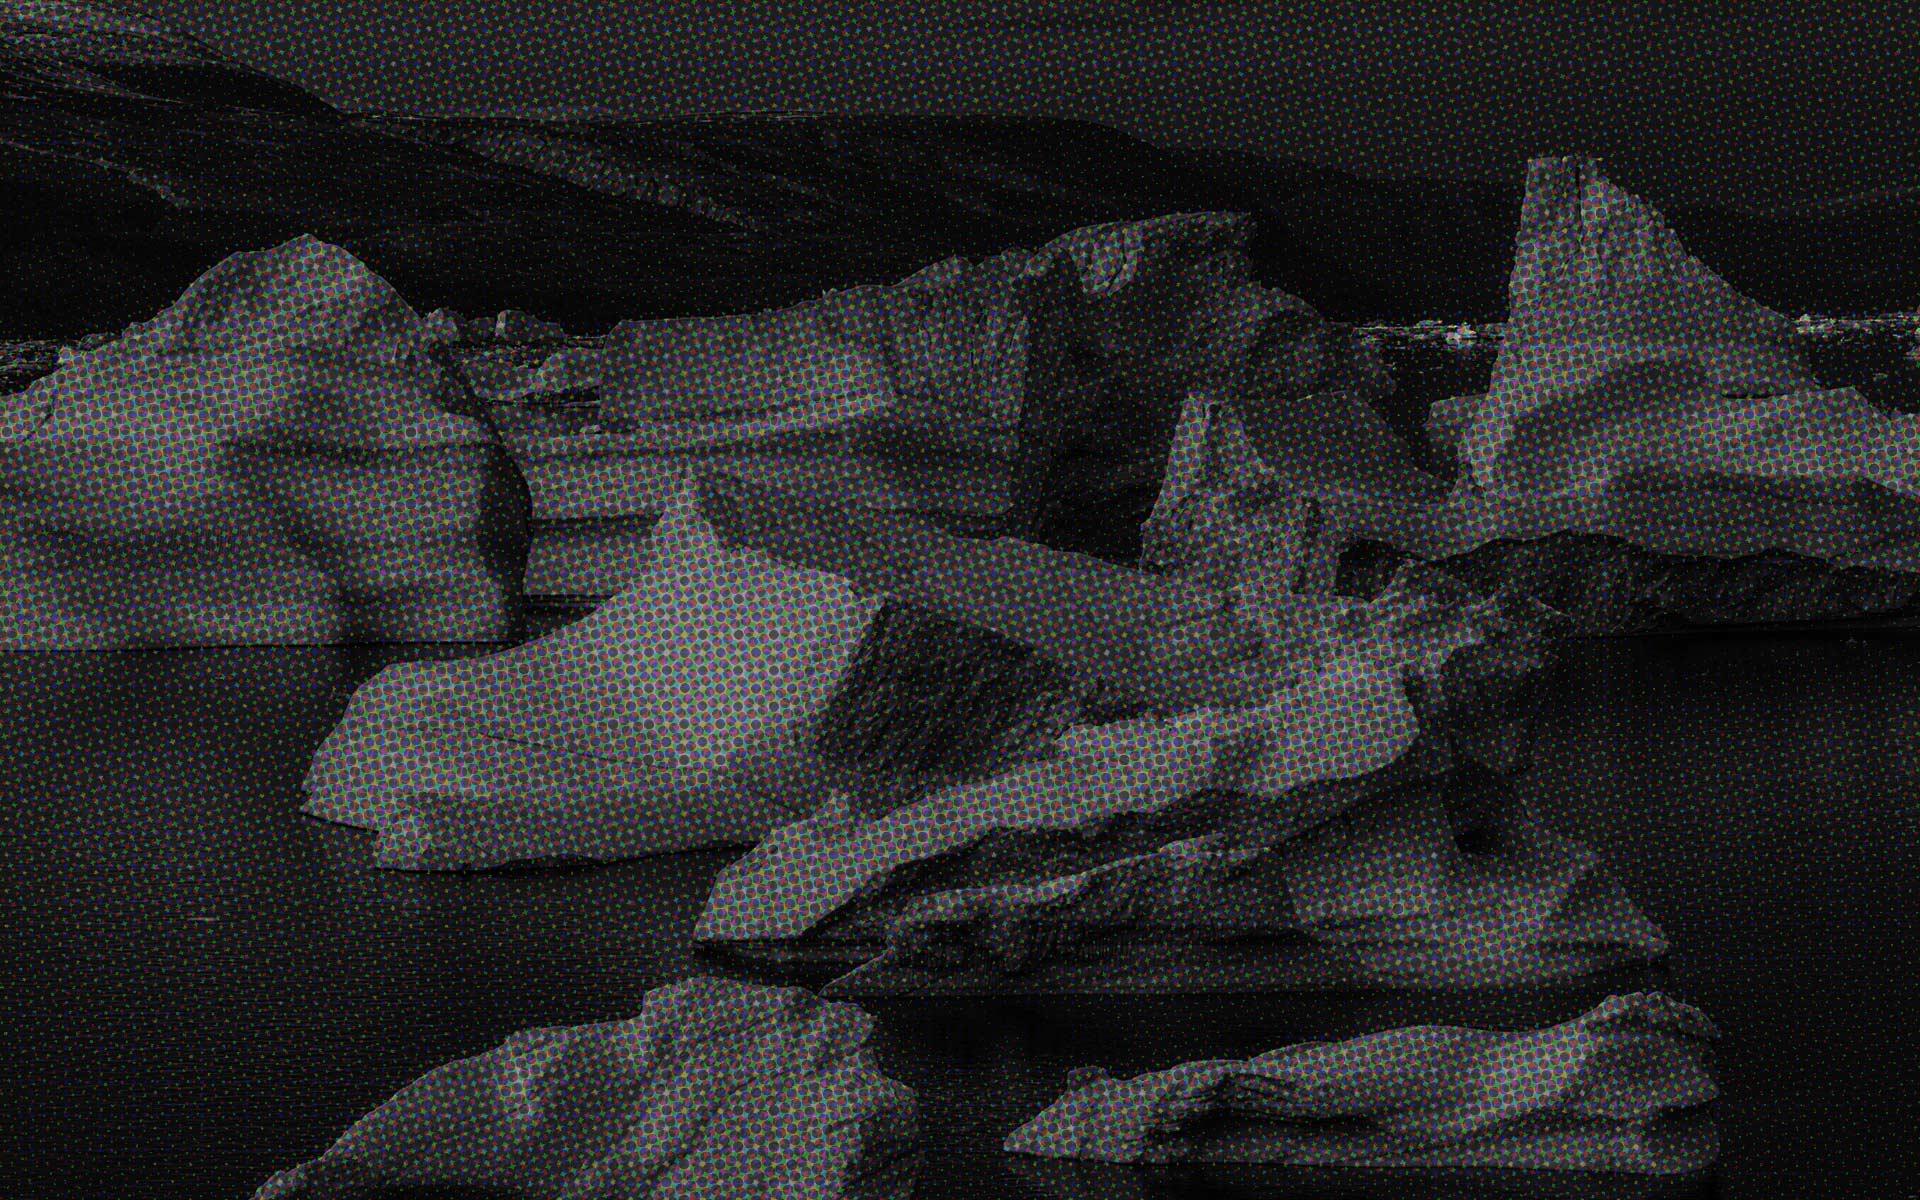 【シリーズ・都市伝説】入り口は北極に存在した?「地底都市アガルタ」